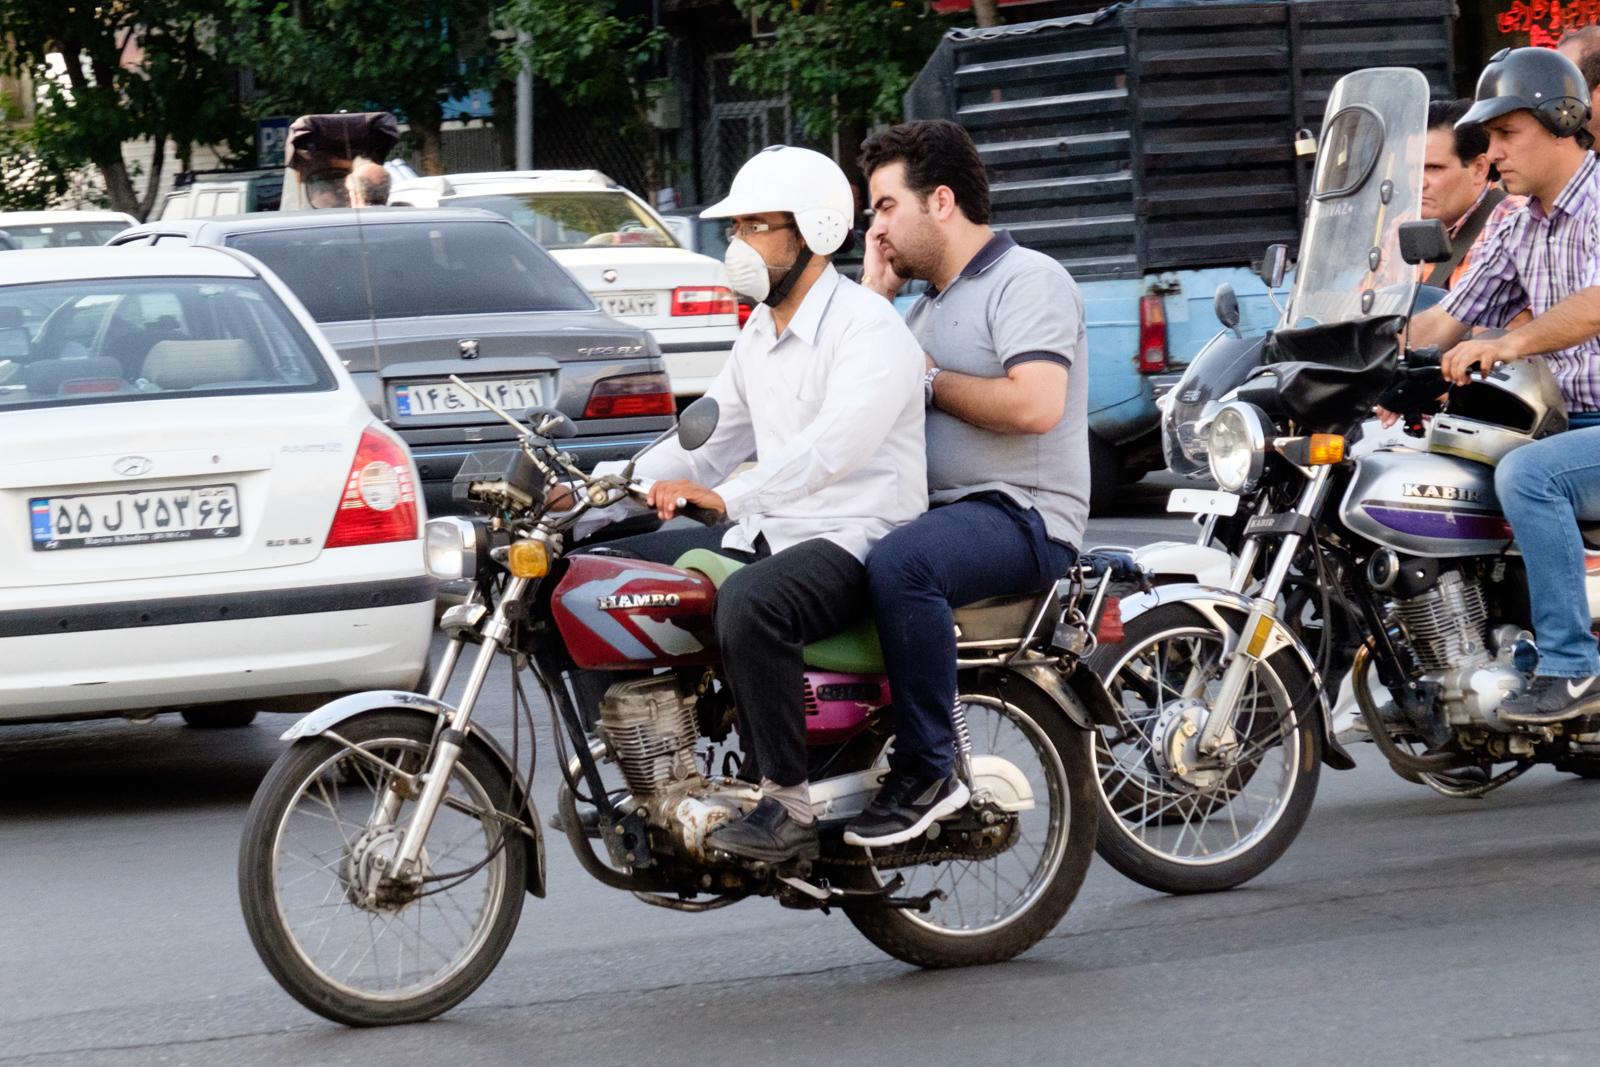 Írán / Iran